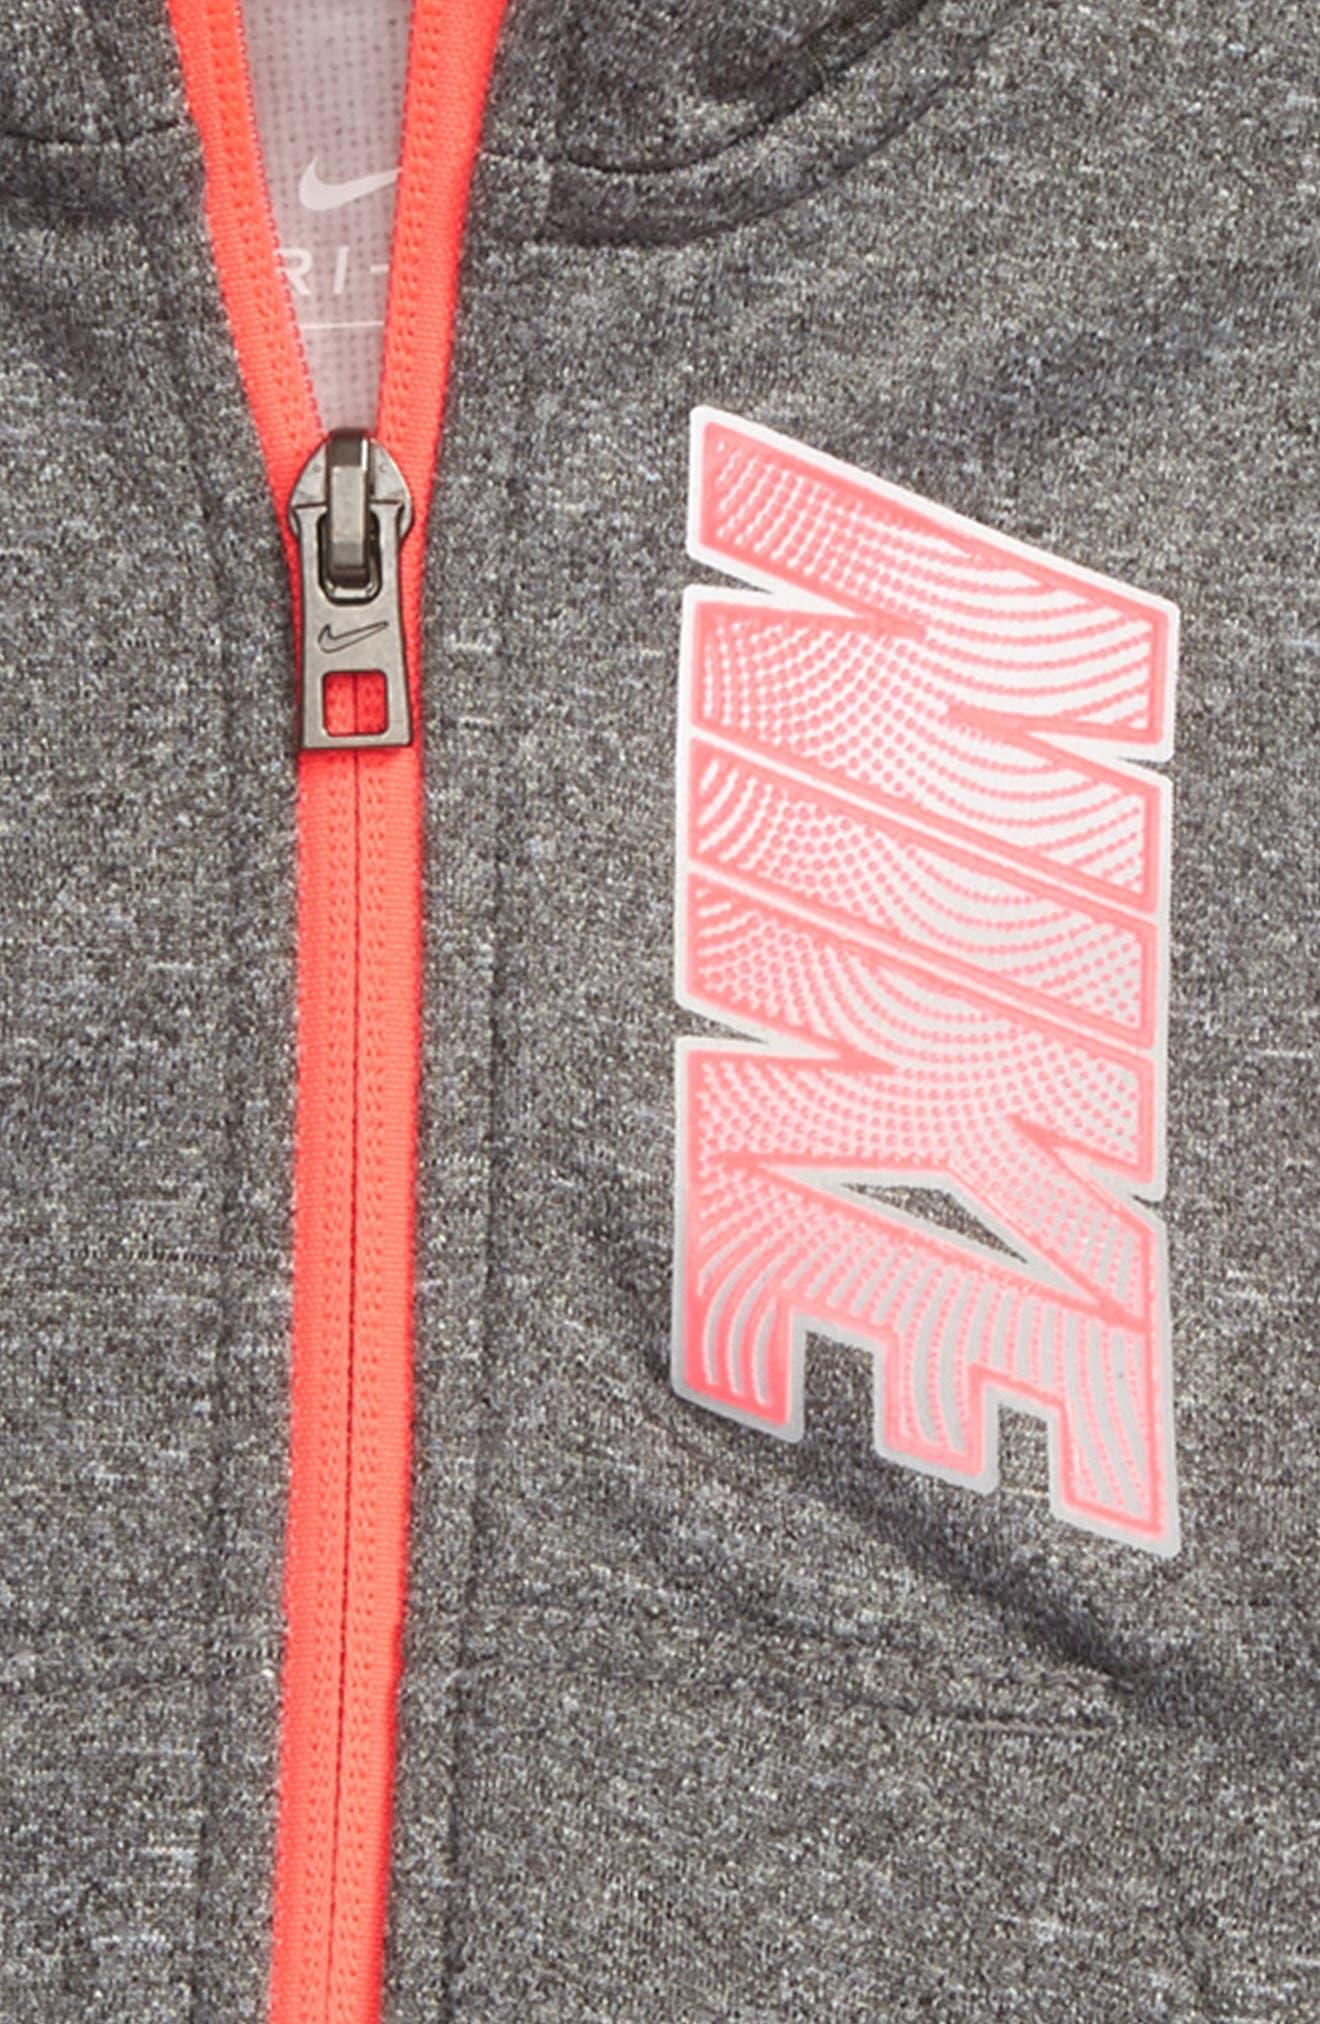 Alternate Image 2  - Nike Therma-FIT Fleece Hoodie & Pants Set (Baby Girls)